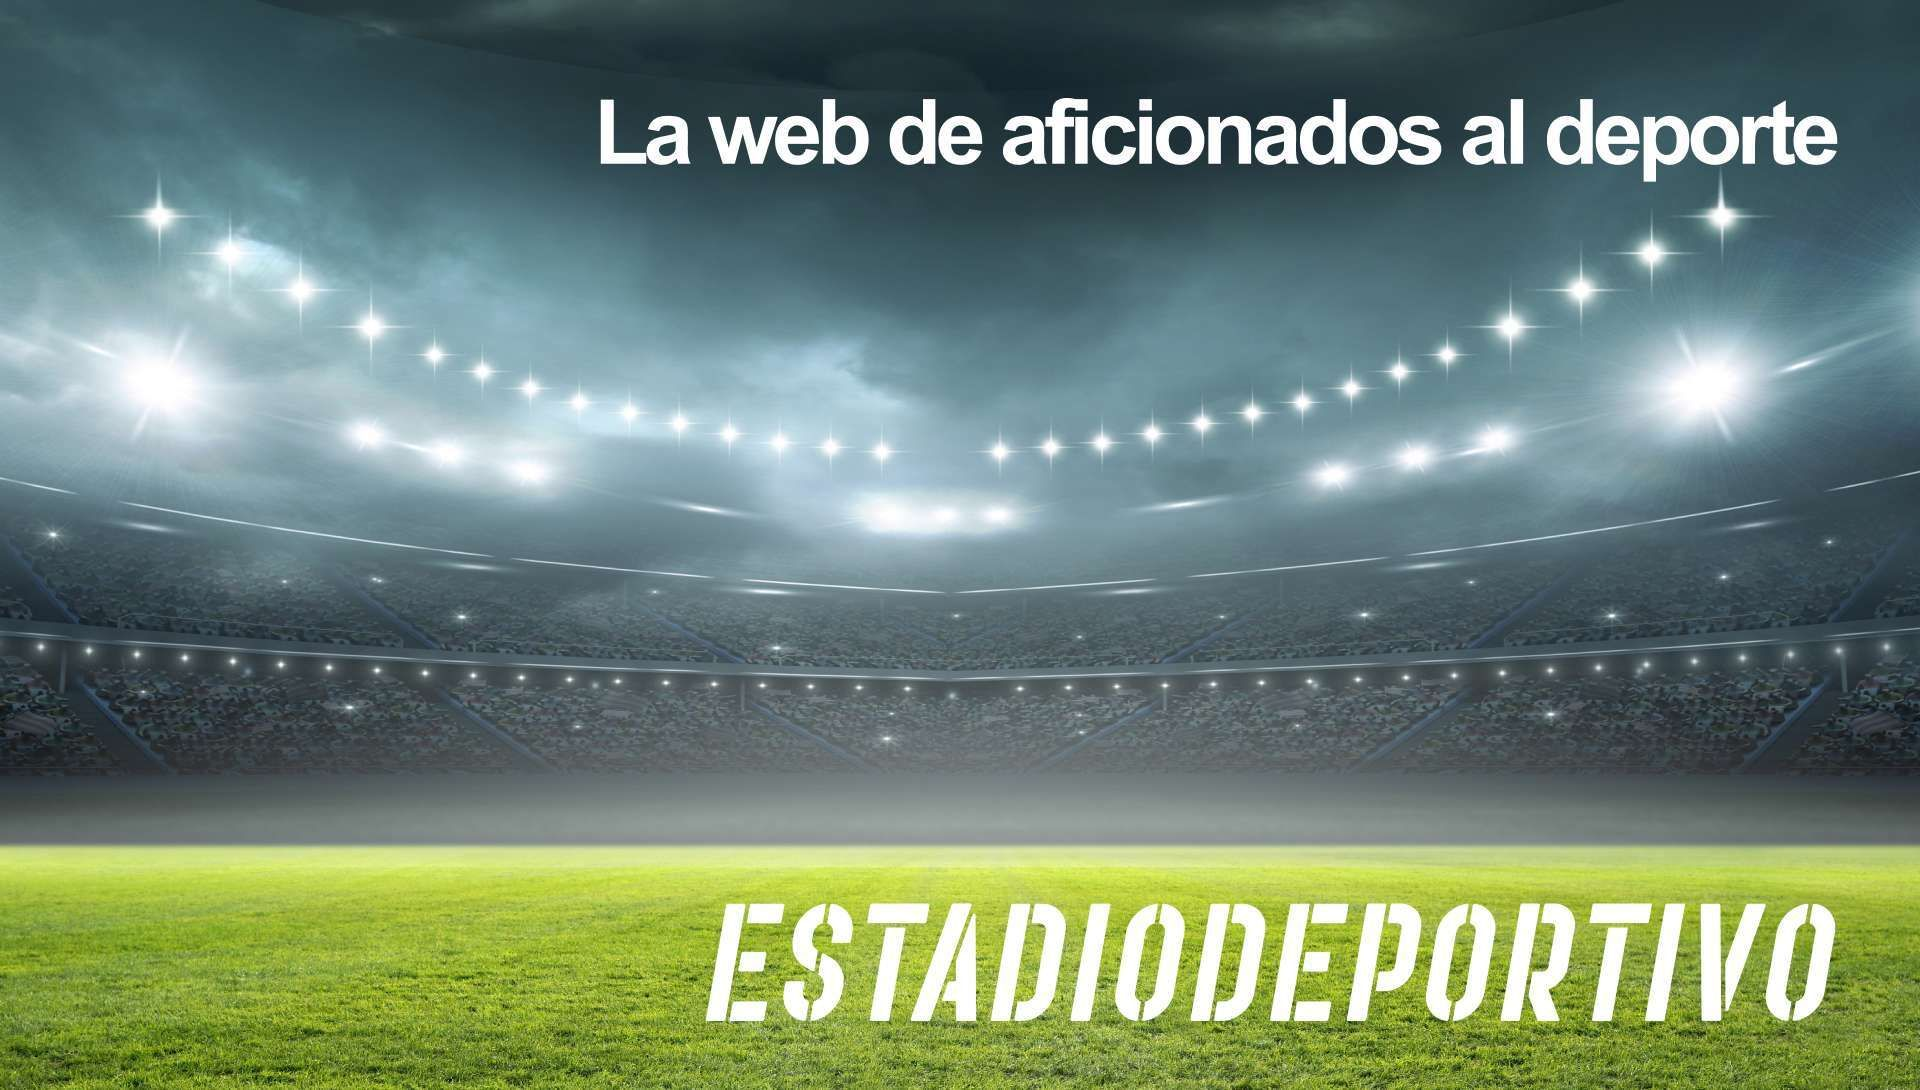 Las portadas del jueves 13 de mayo